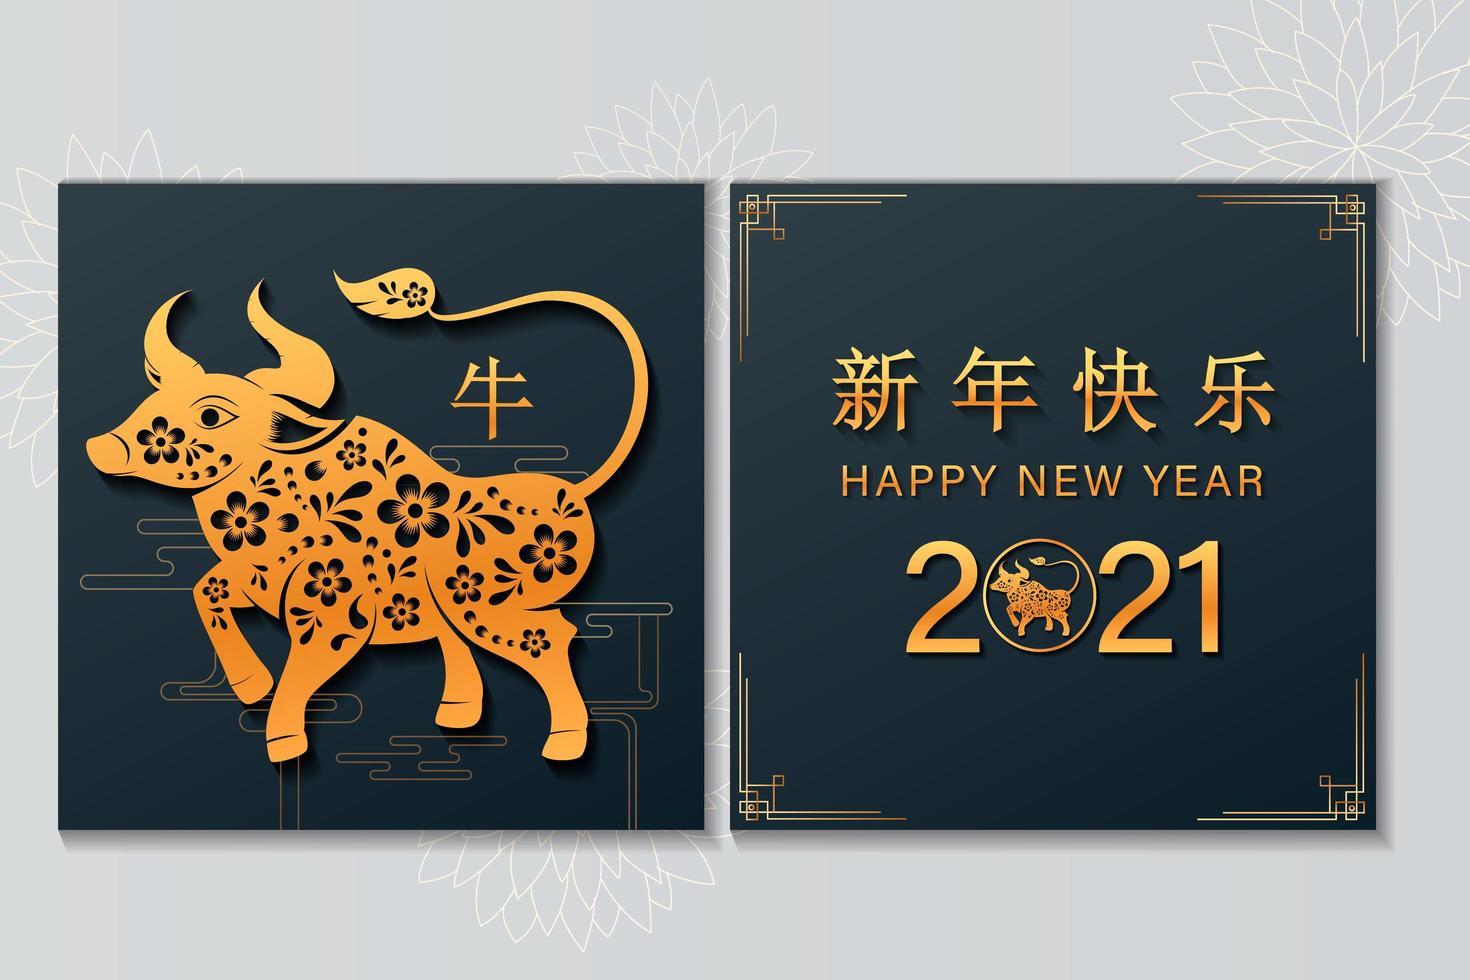 año nuevo chino 2021 año del buey vector